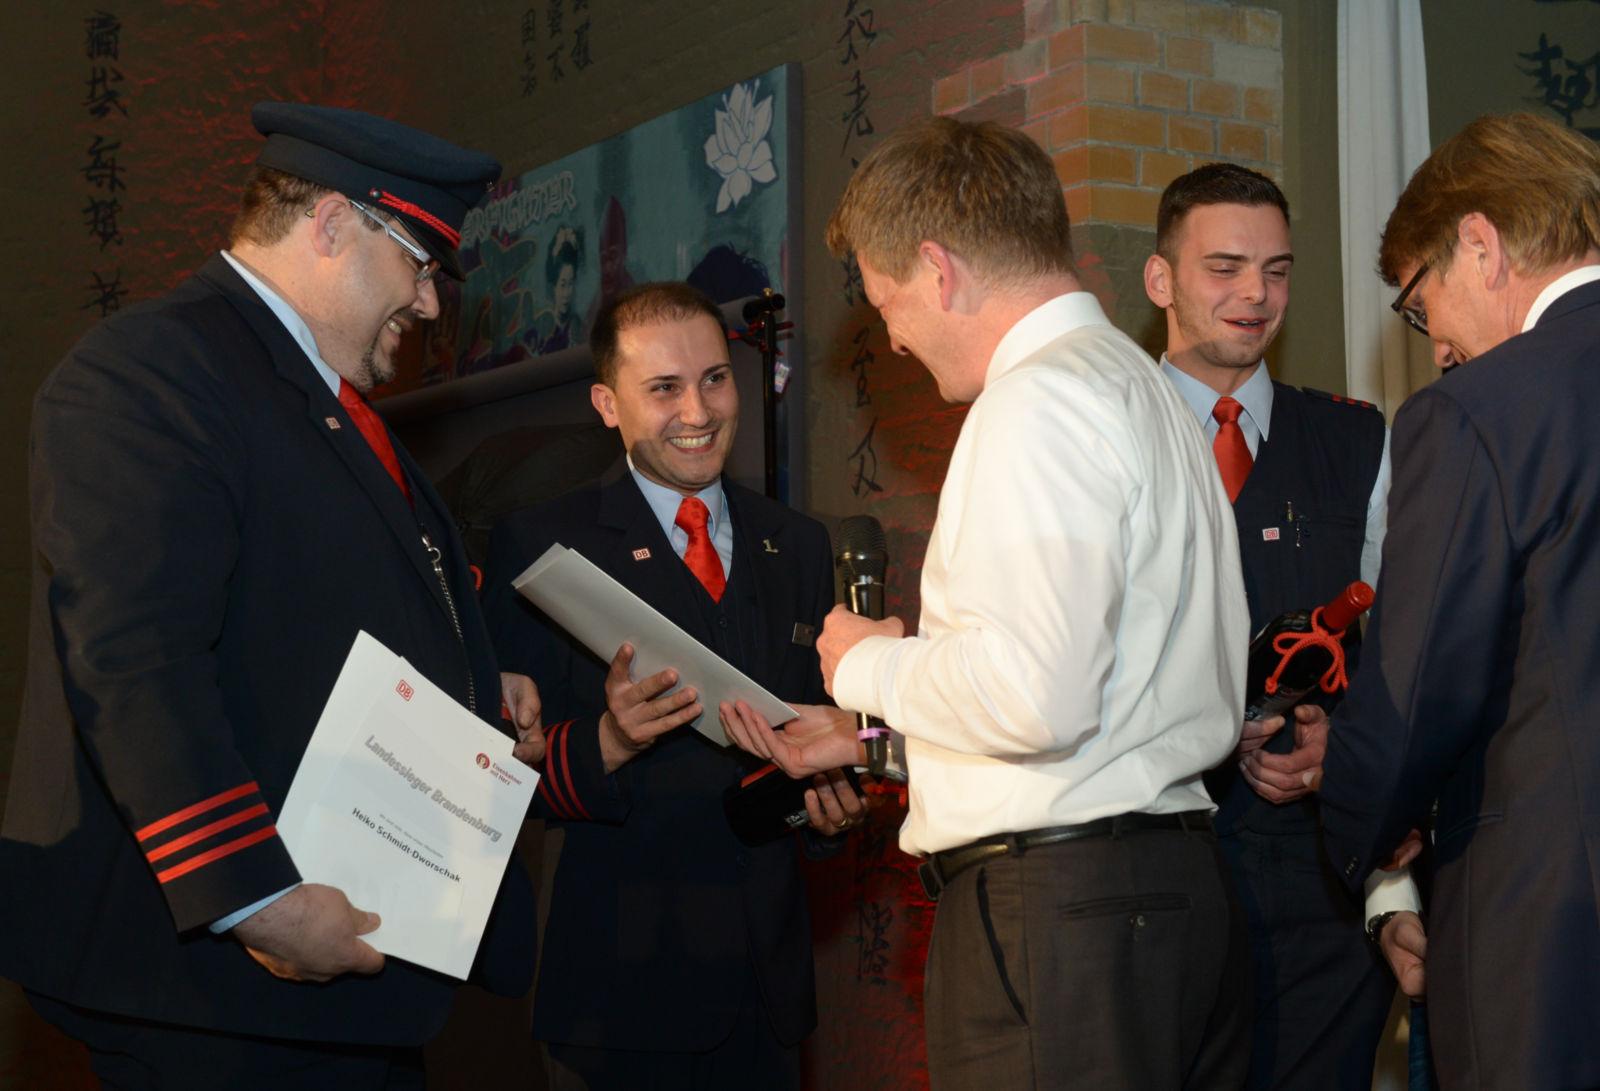 Löst wahre Begeisterungsstürme aus: Dr. Richard Lutz überreicht die Siegerurkunde an Zugbegleiter Alexander Rezek